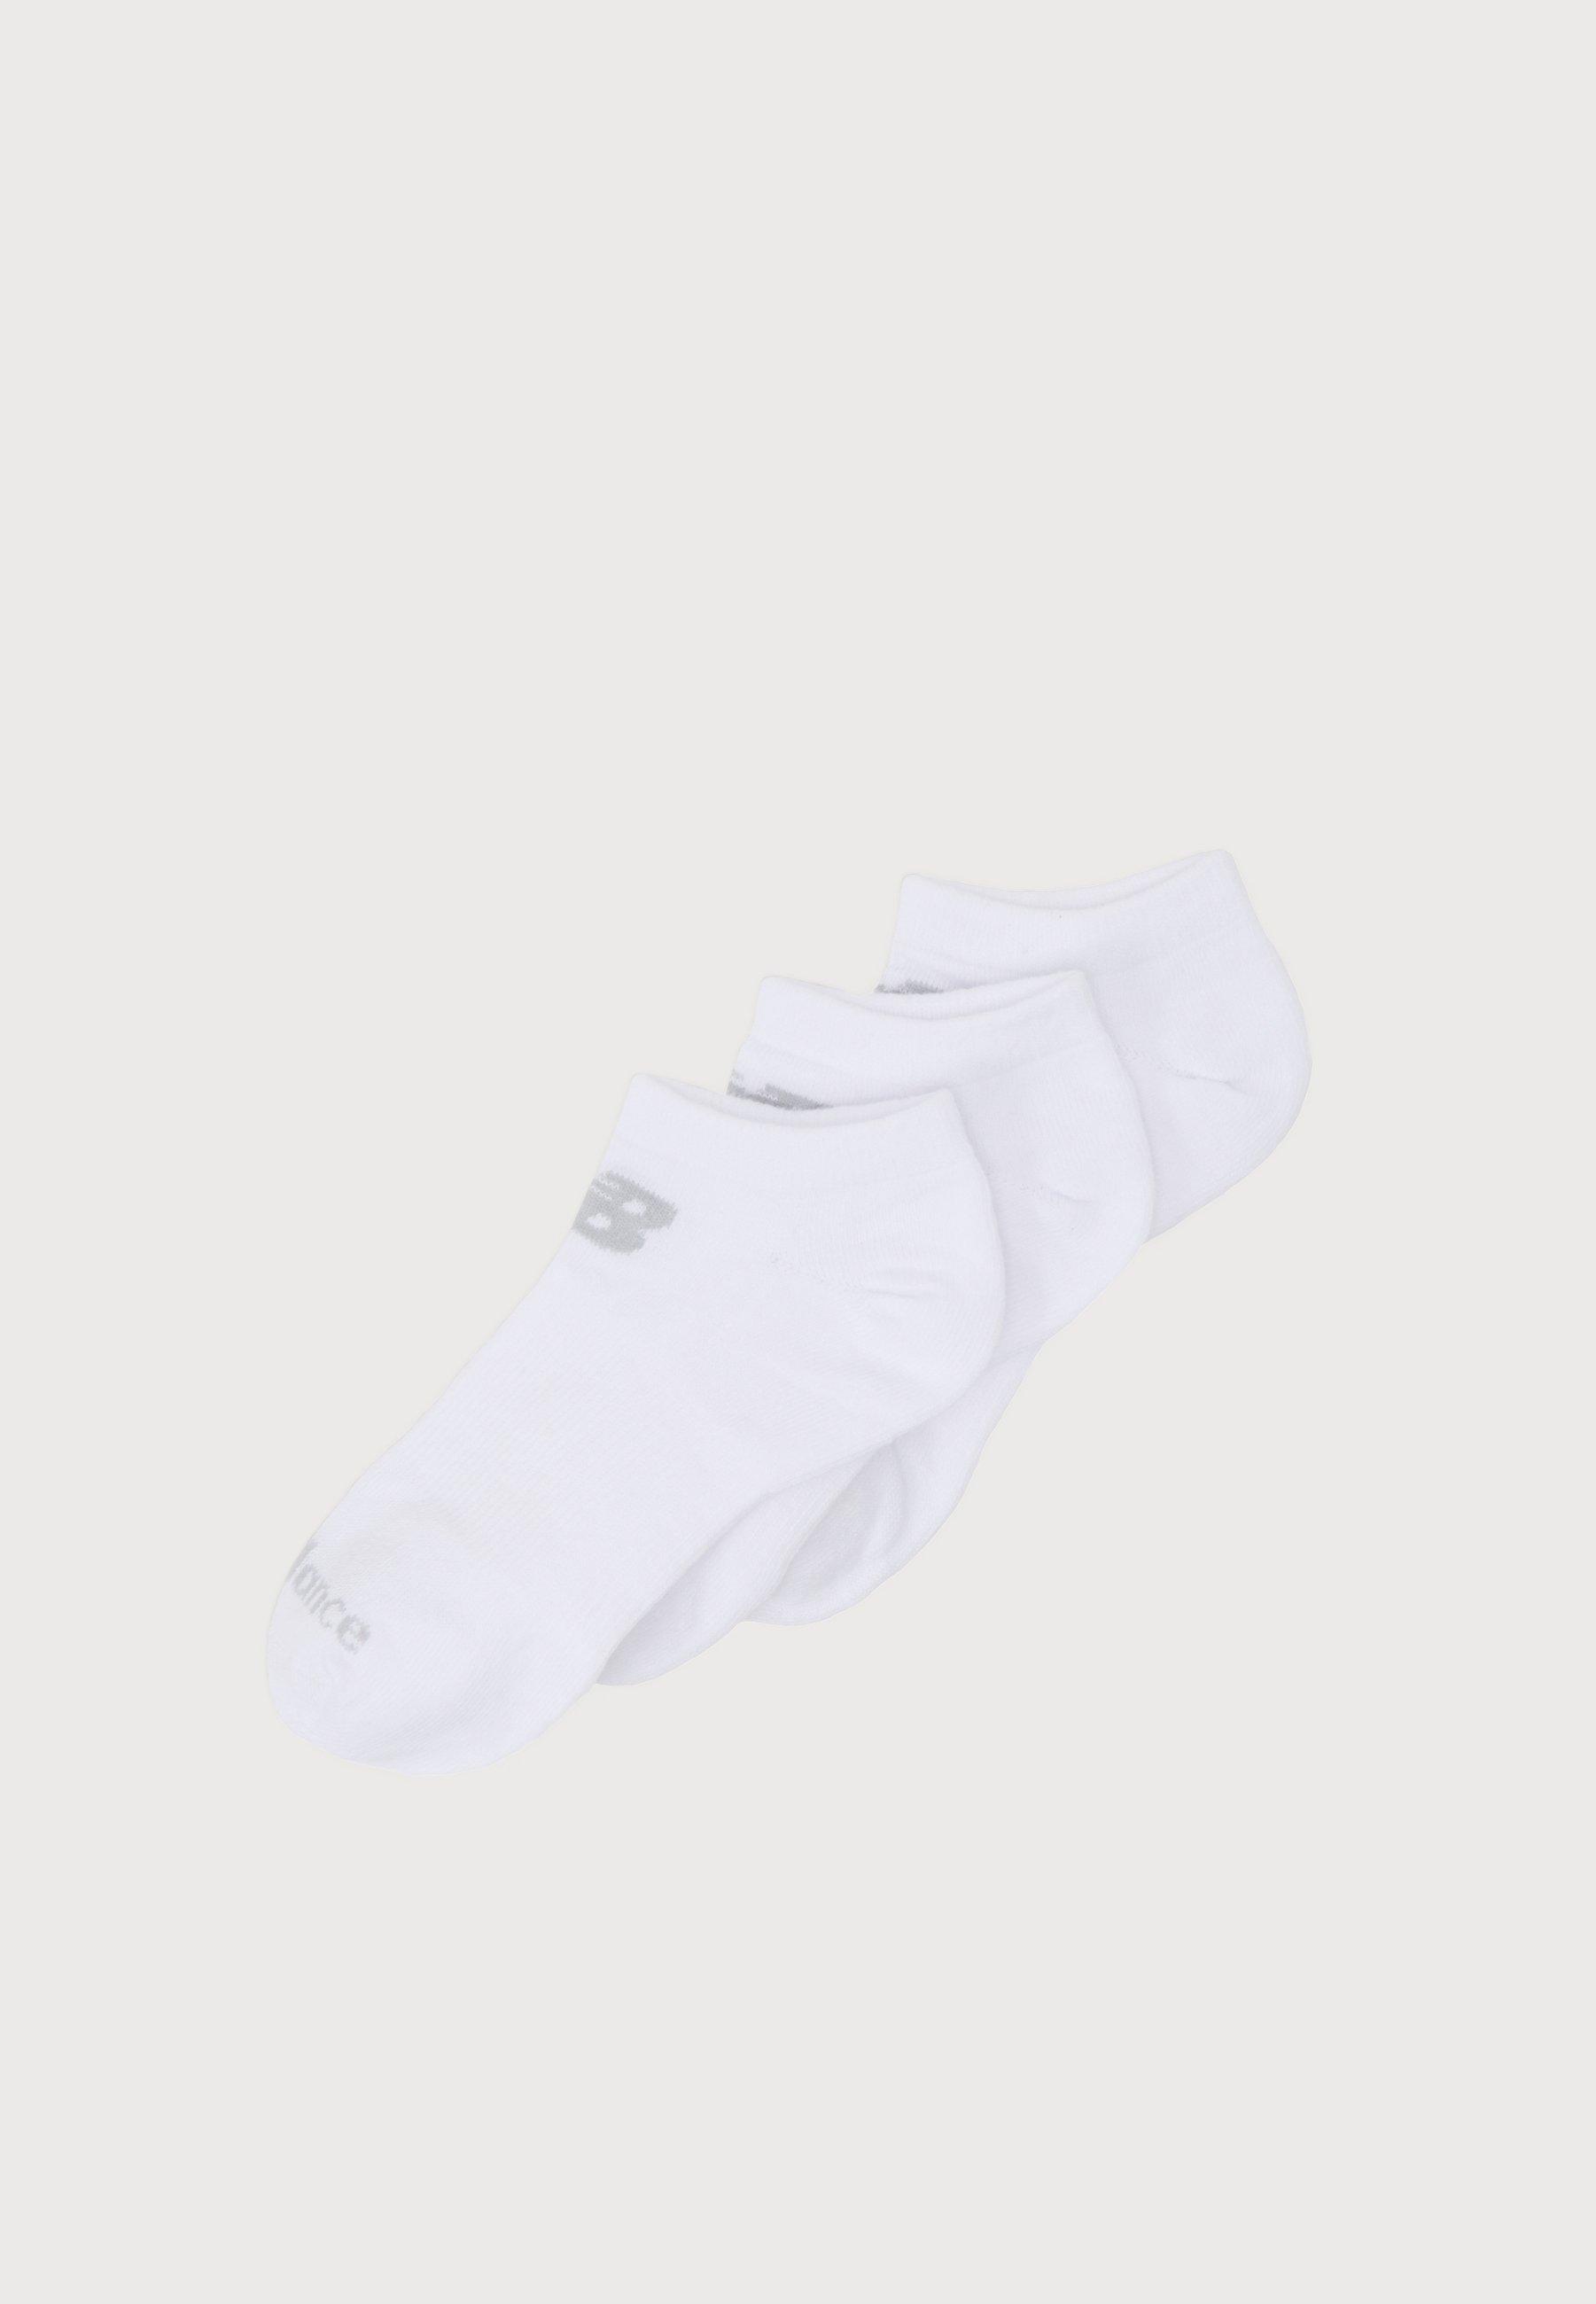 Femme NO SHOW FLAT 3 PACK UNISEX - Chaussettes de sport